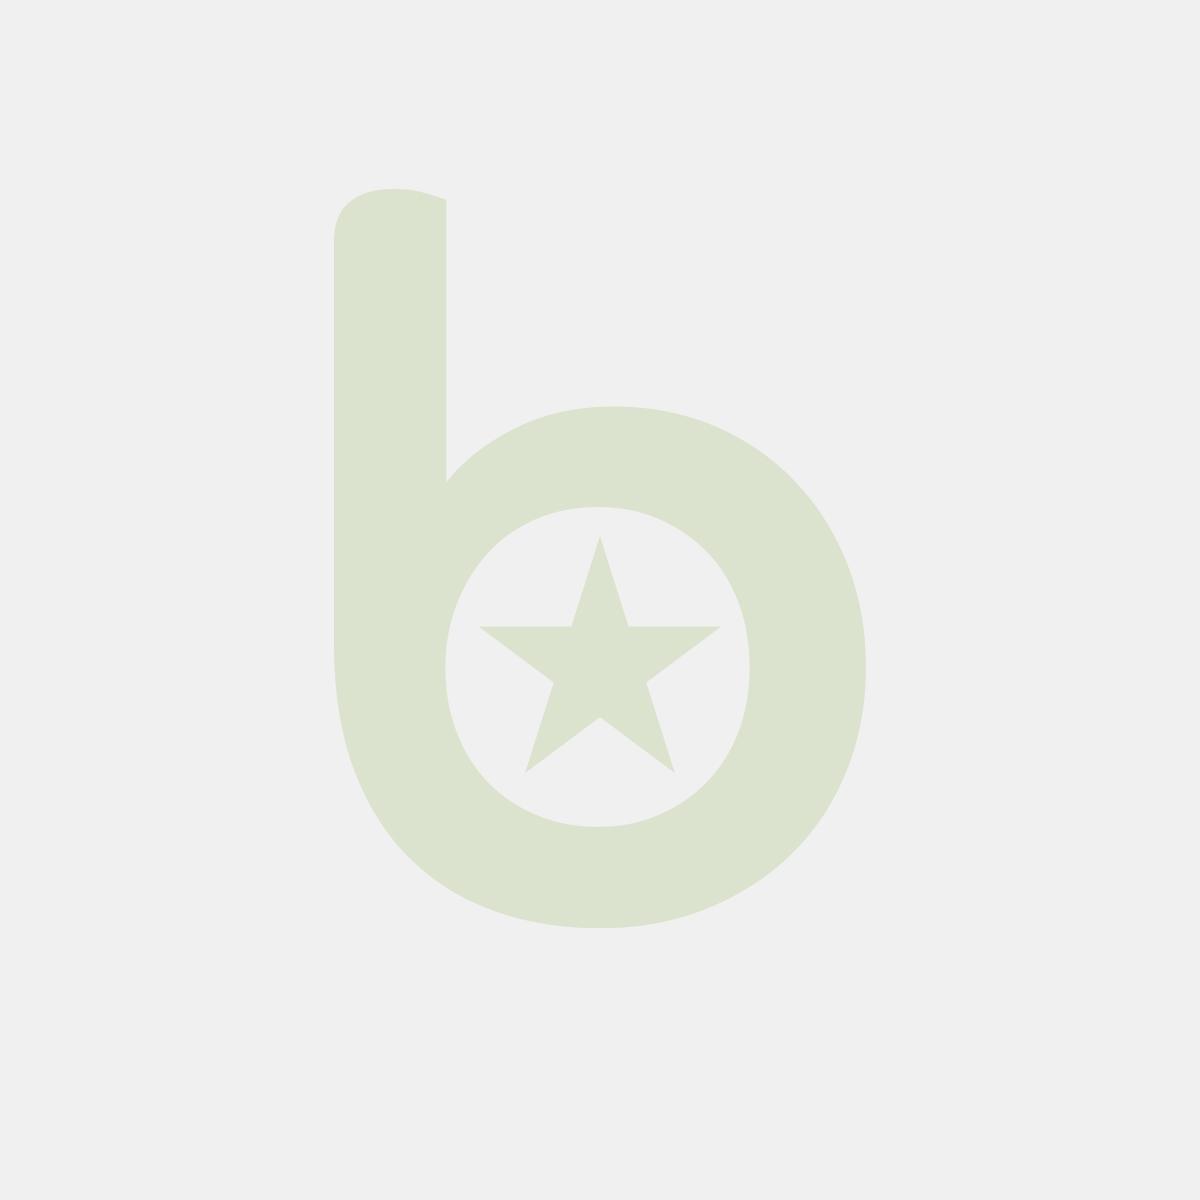 Pojemnik obiadowy do zgrzewu K 227/2, dwudzielny, czarny, 227x178x50, cena za opakowanie 50szt